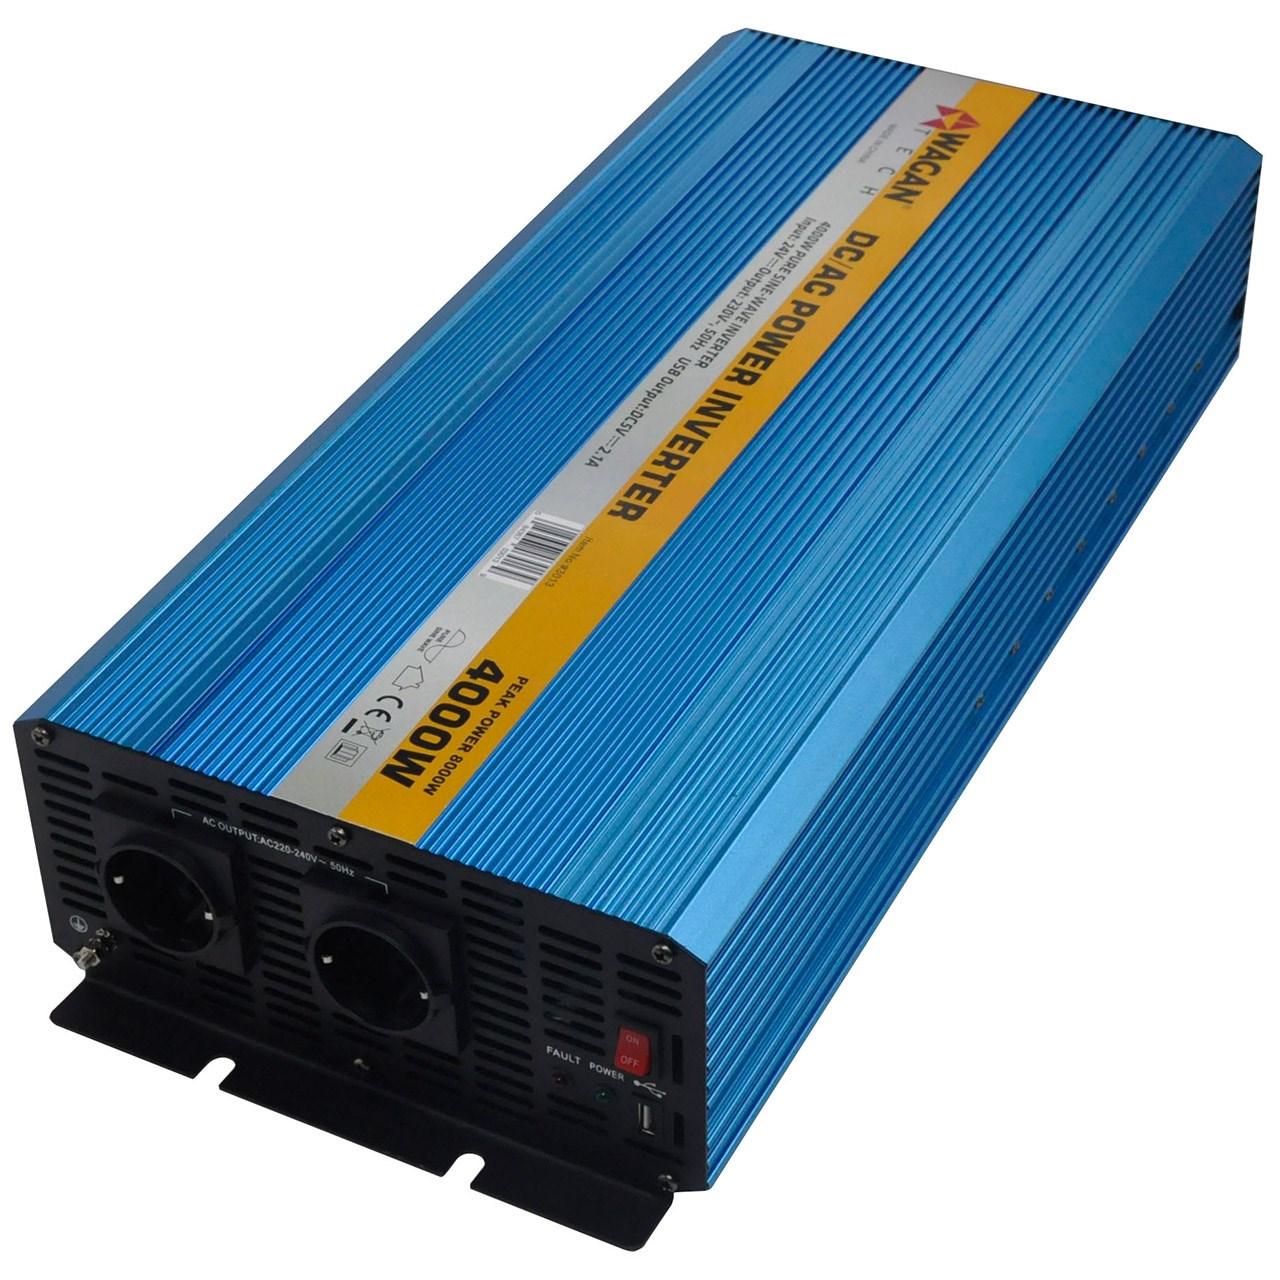 مبدل برق واگان مدل 3013 ظرفیت 4 کیلووات